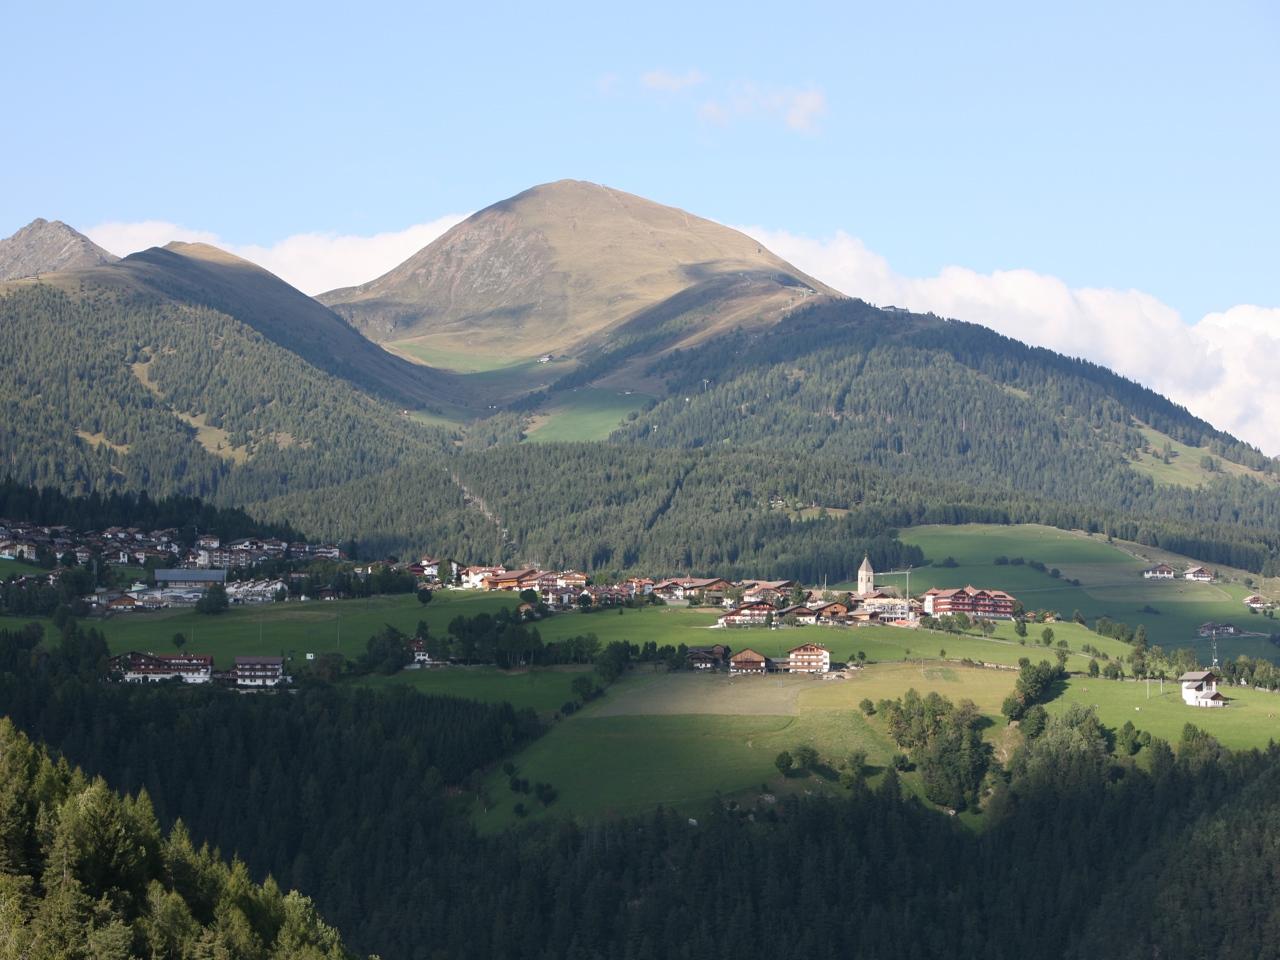 Vacanze a maranza valle isarco trentino alto adige for Vacanze in trentino alto adige